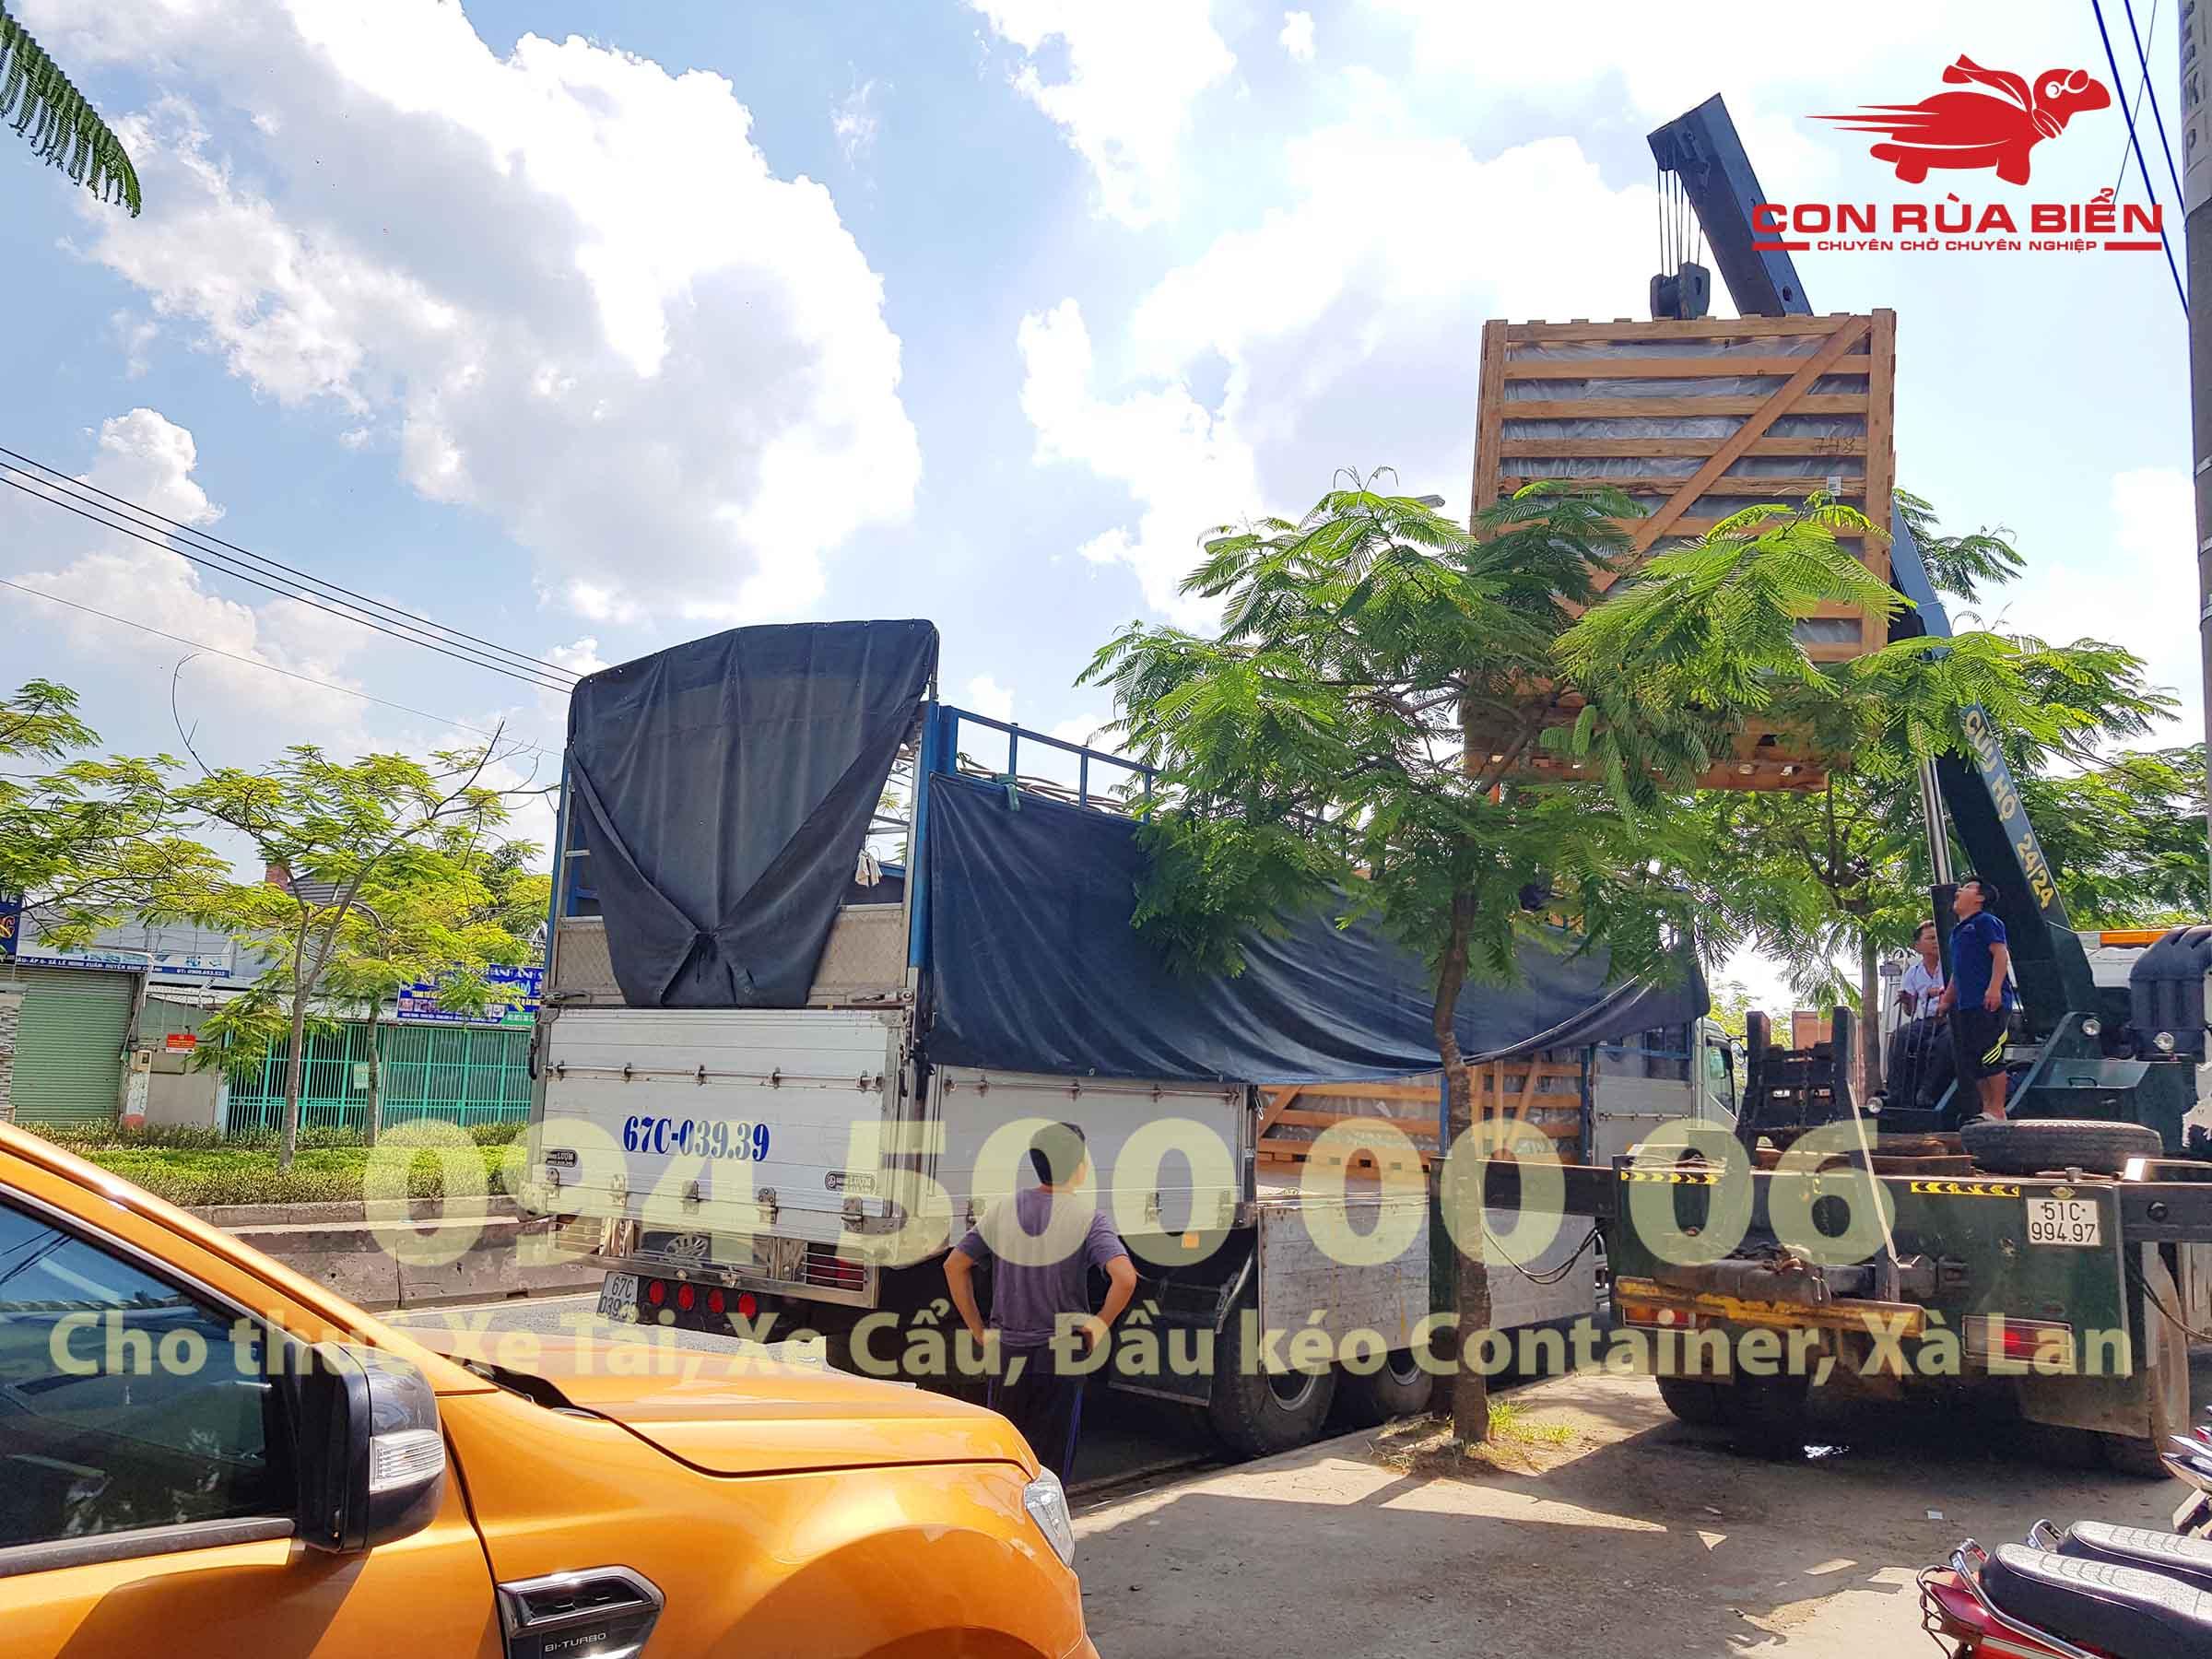 Du an Van chuyen May Giat Say Cong Nghiep di Phu Quoc 50